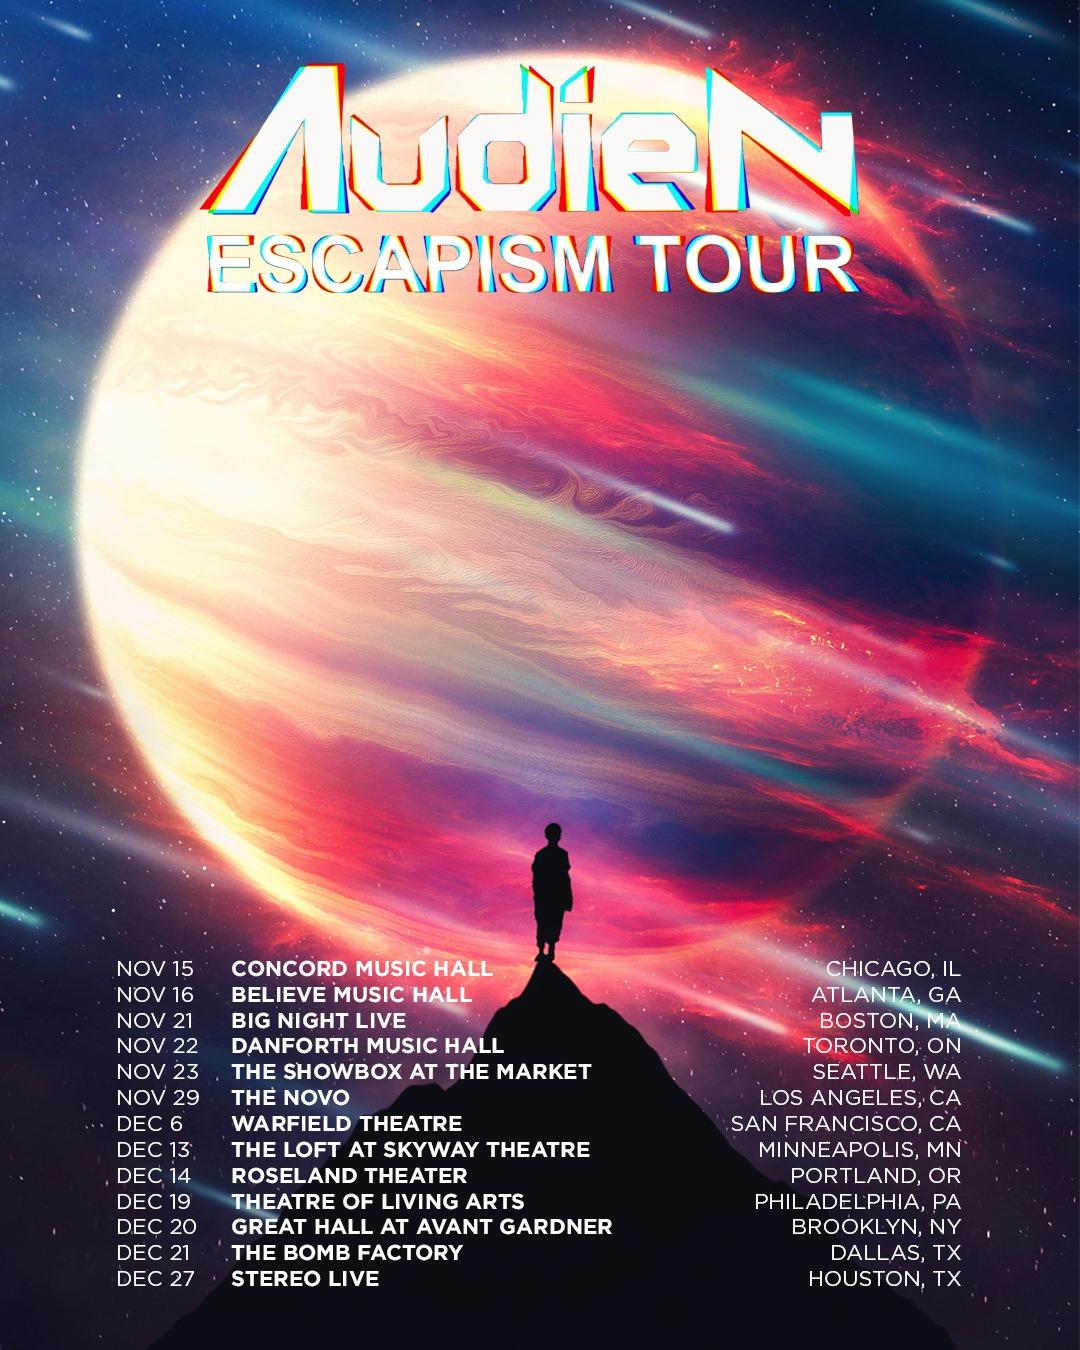 Audien Escapism Tour